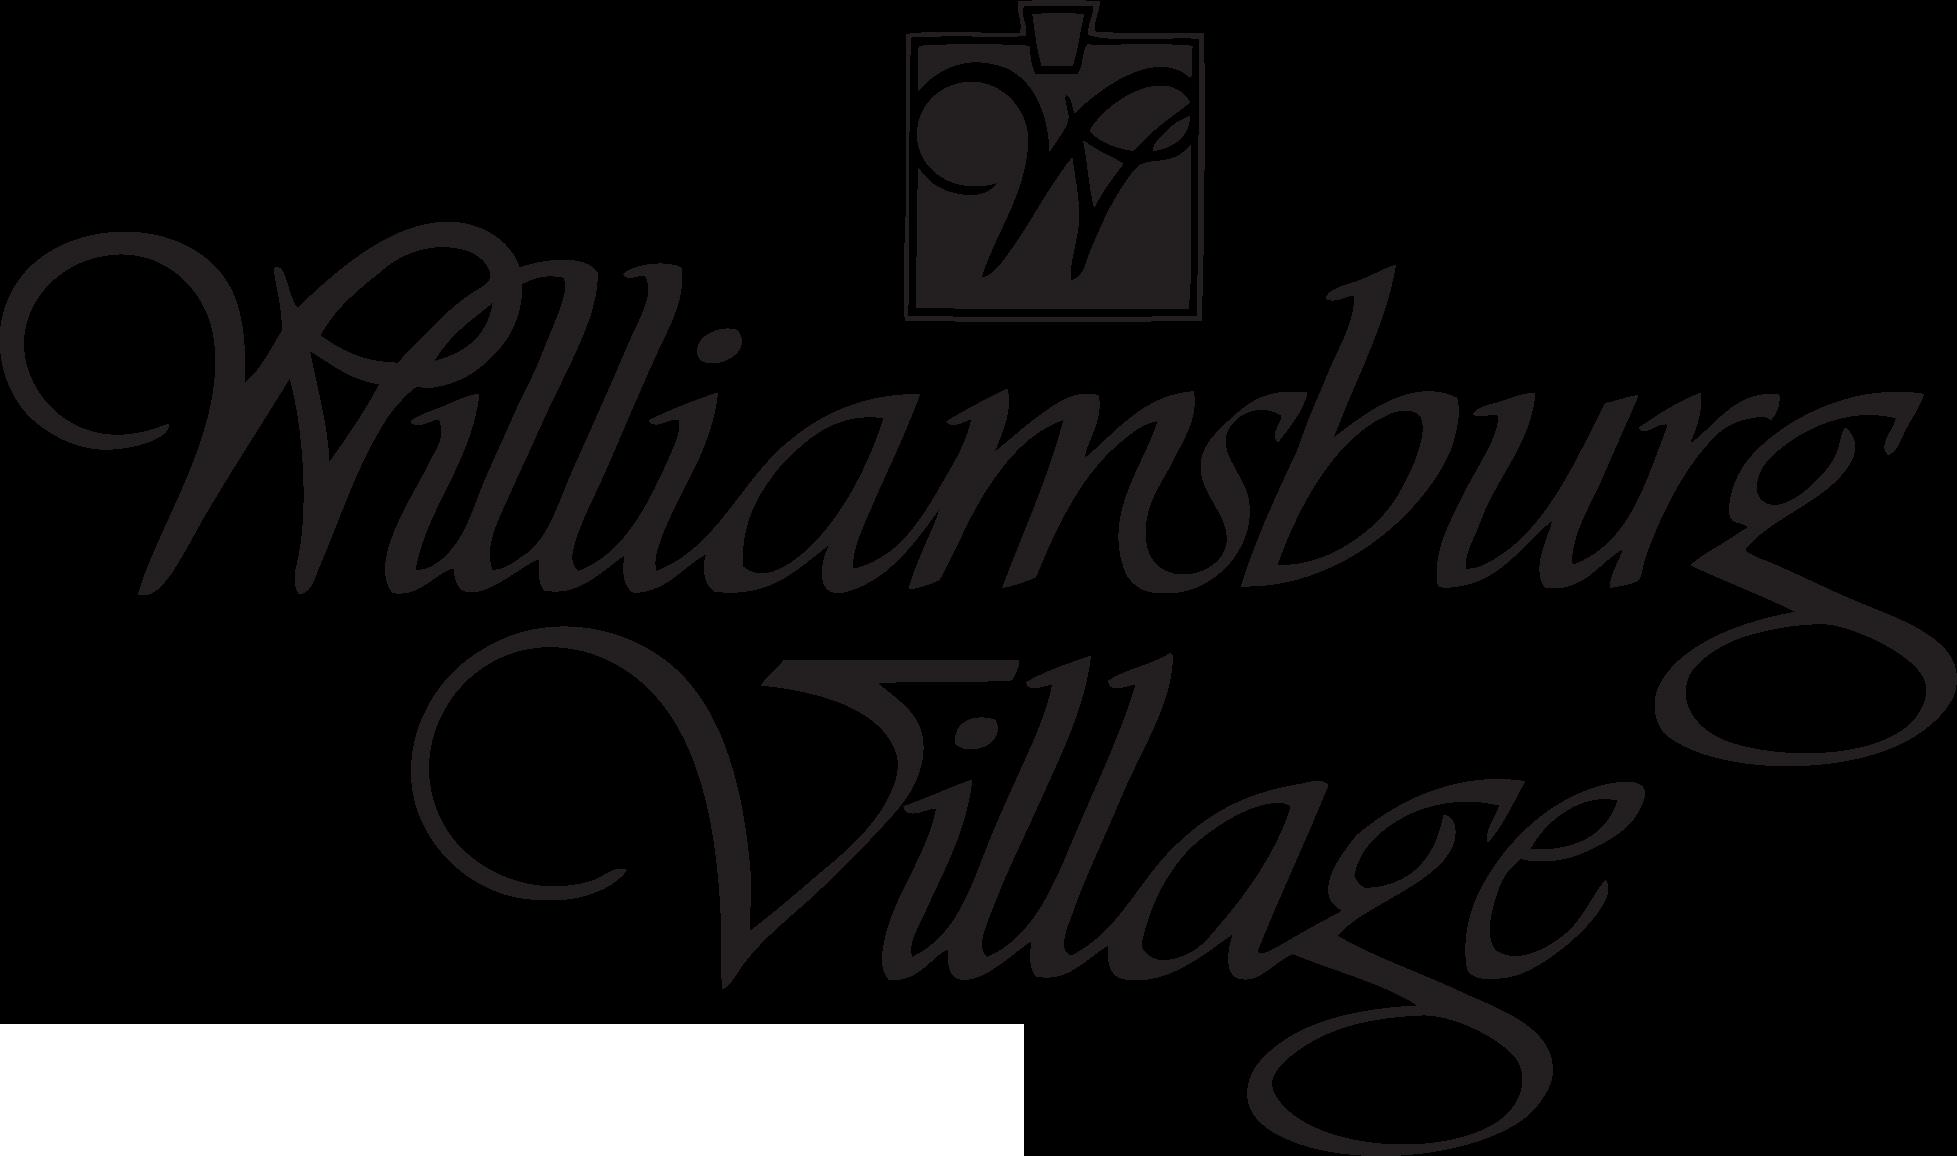 Williamsburg Village Logo